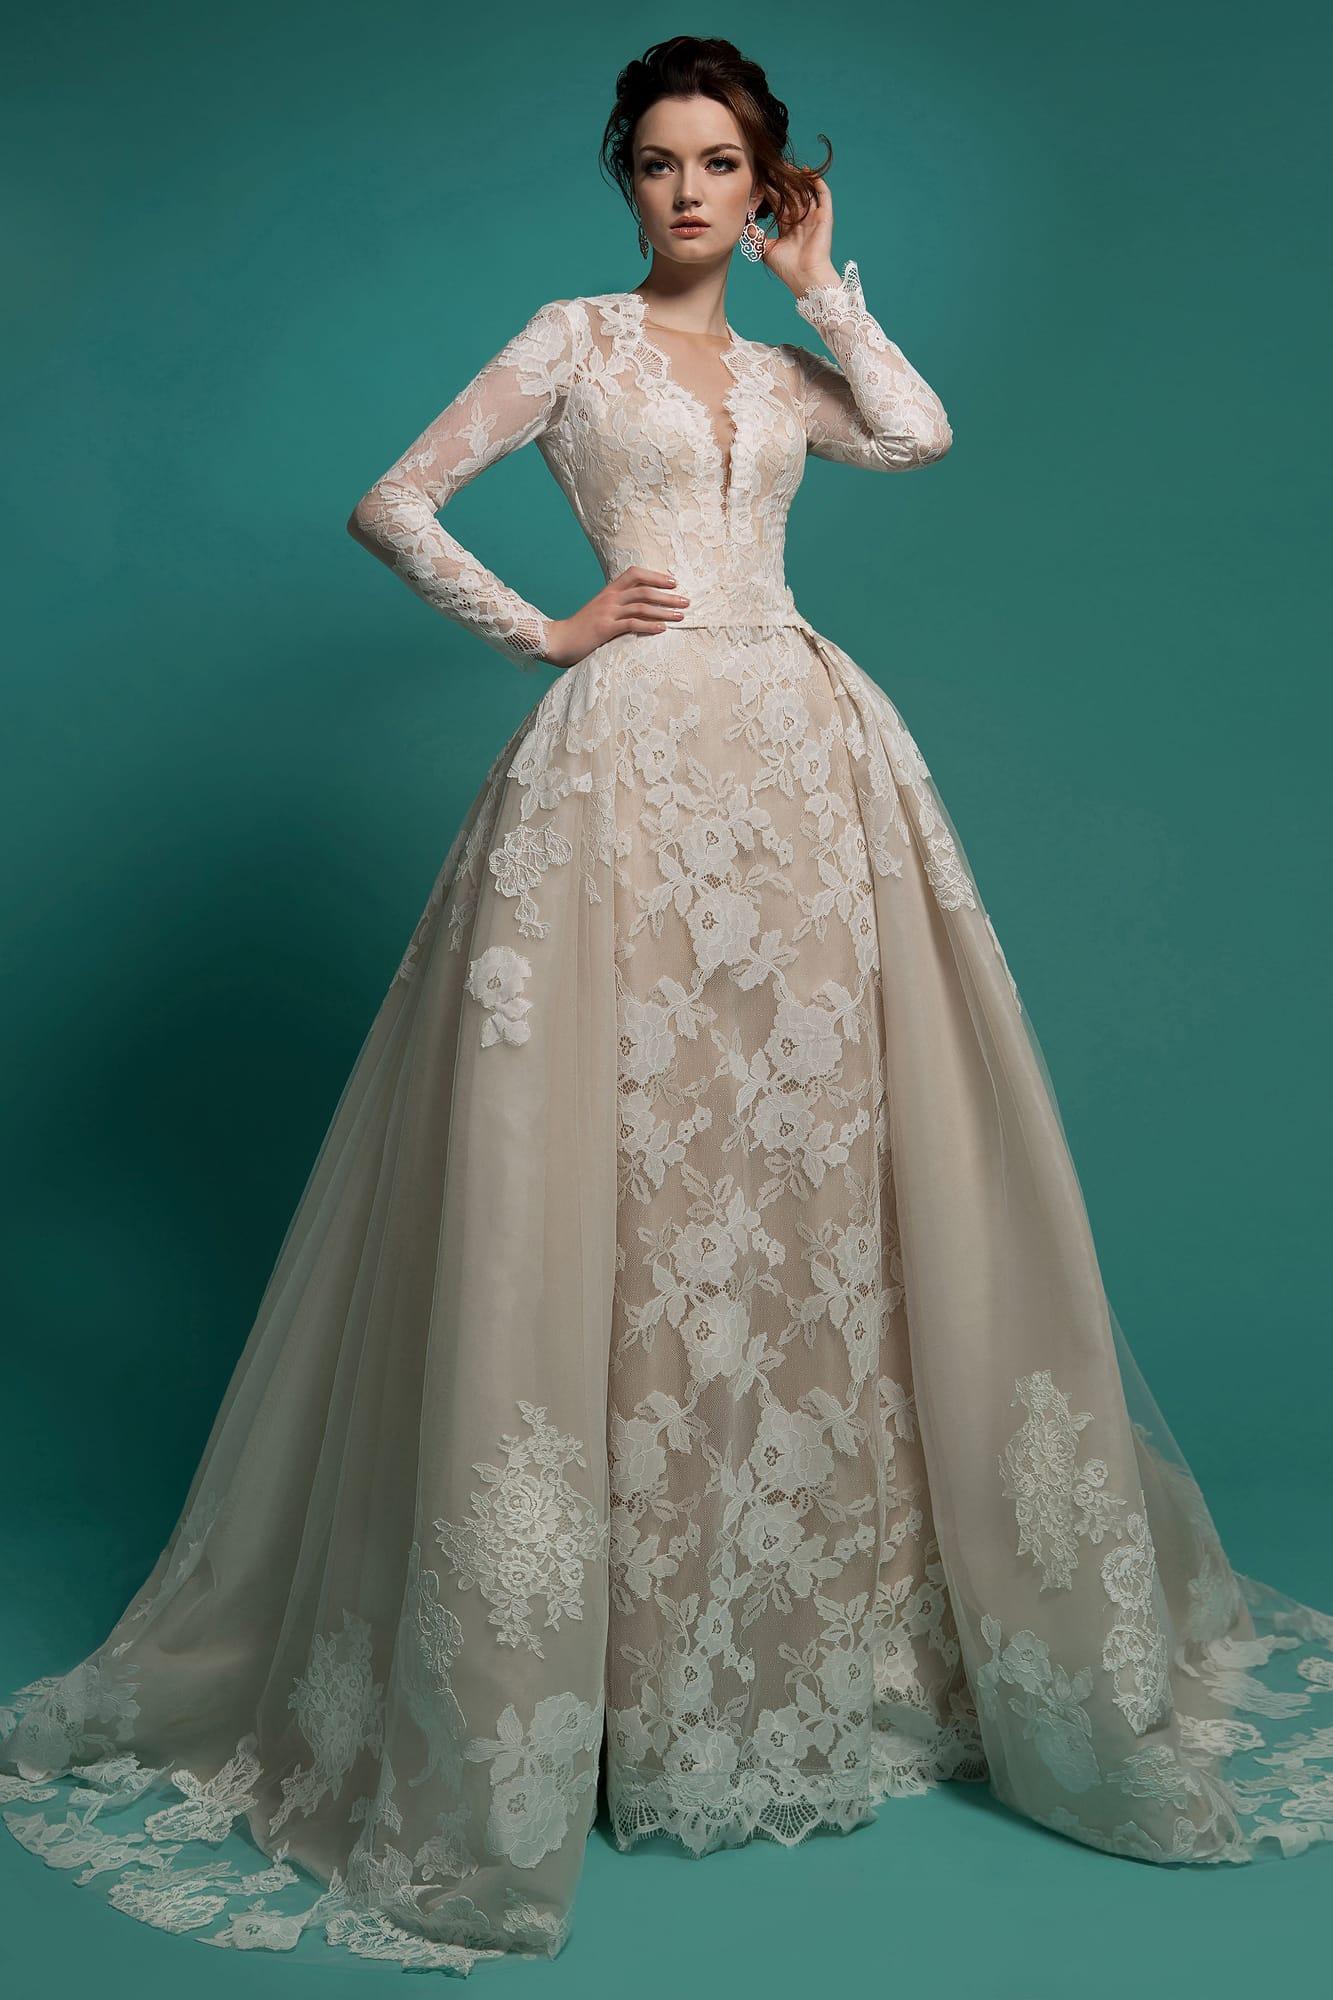 6f0104c185d Пышное свадебное платье с декором из крупного кружева и роскошной верхней  юбкой.